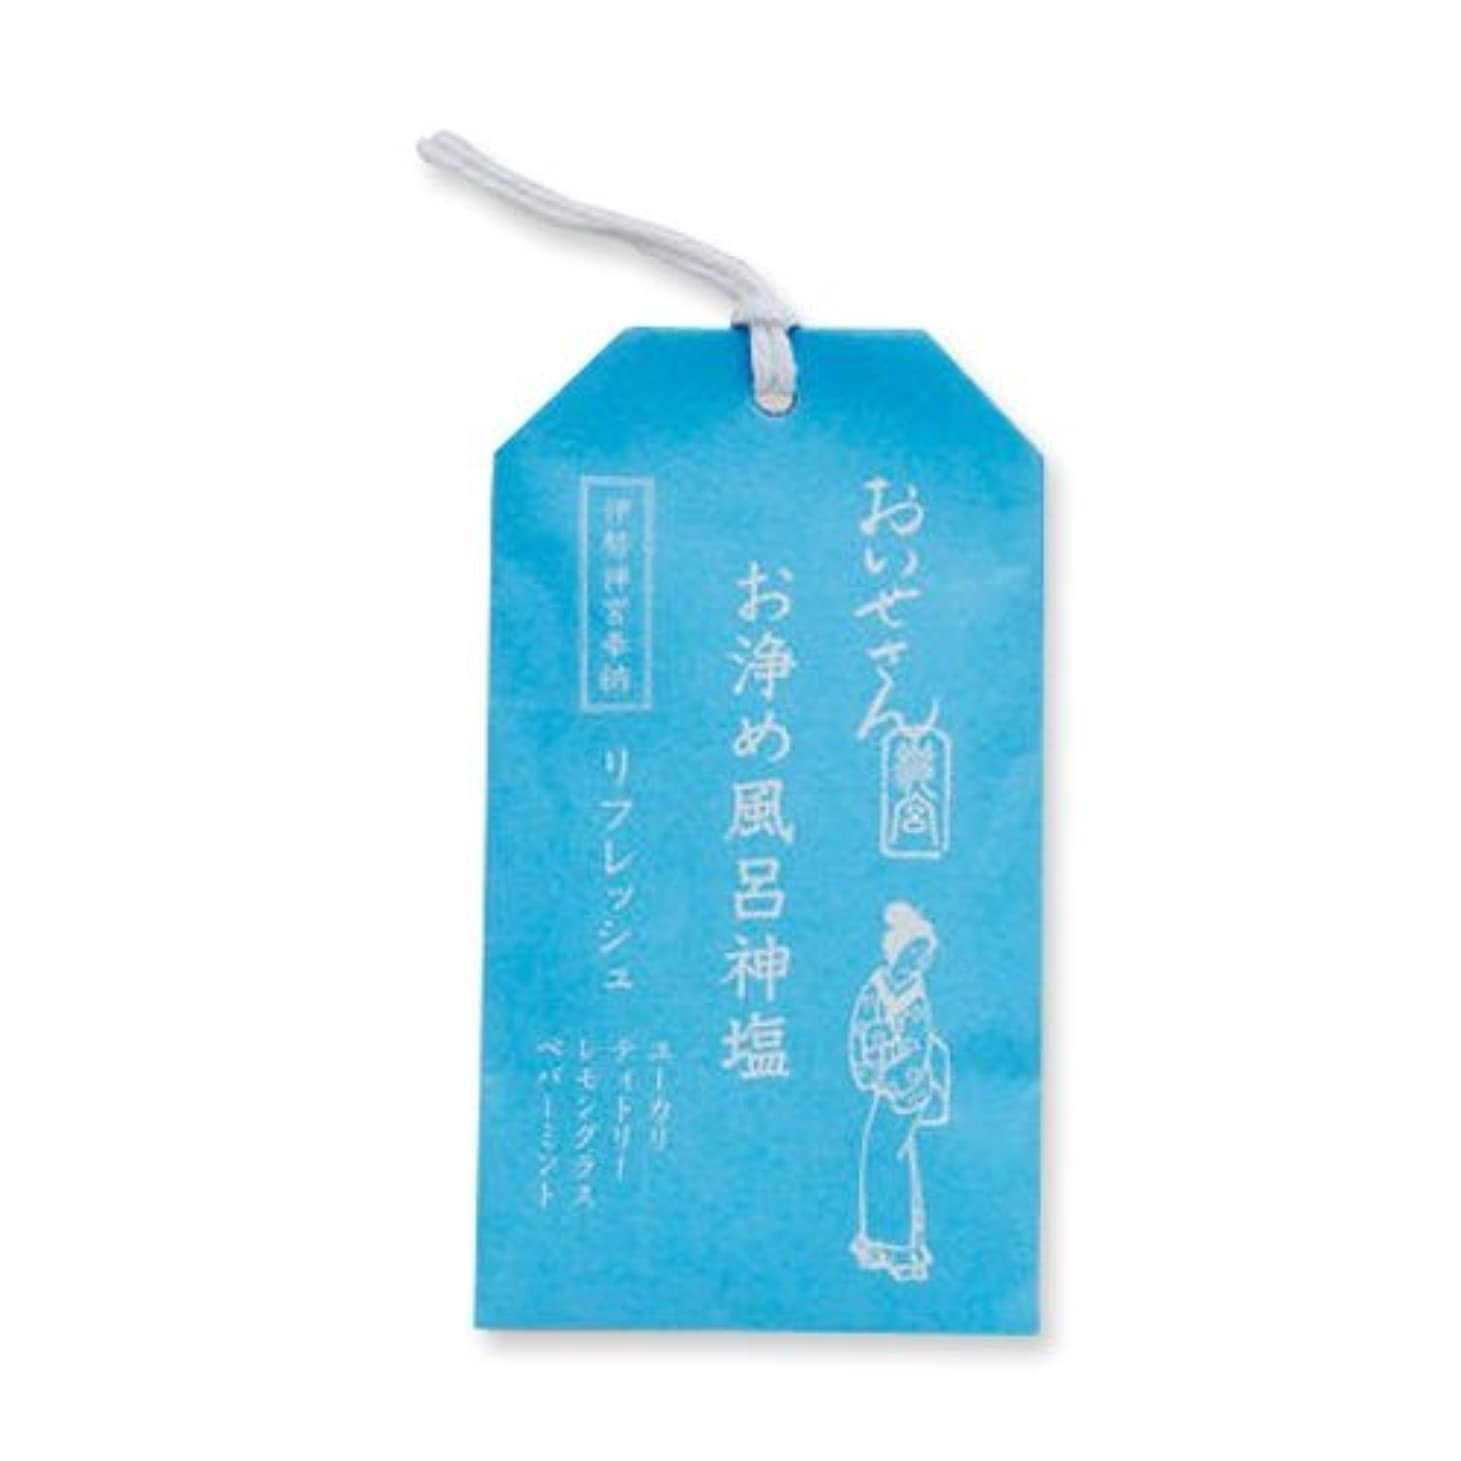 パークベルト理論おいせさん お浄め風呂神塩 バス用ソルト(リフレッシュ) 20g